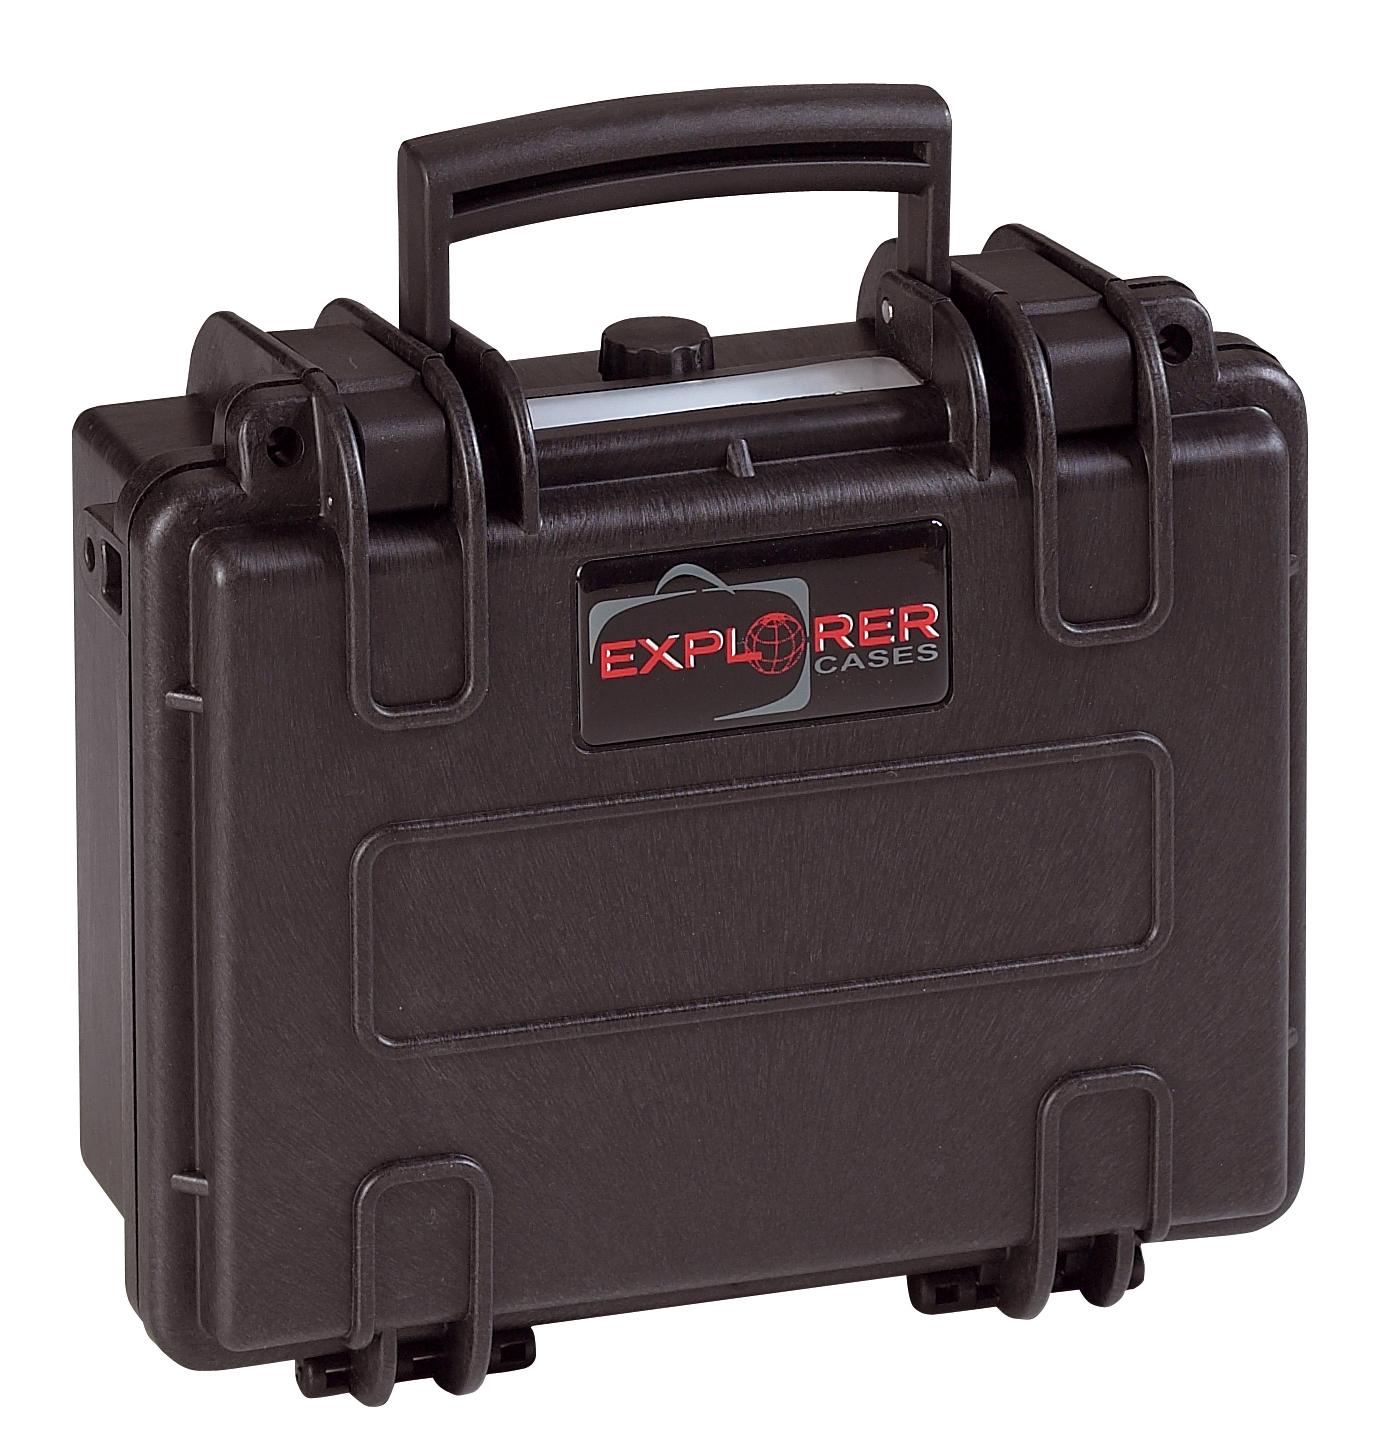 Explorer Koffer 2209 schwarz geschlossen